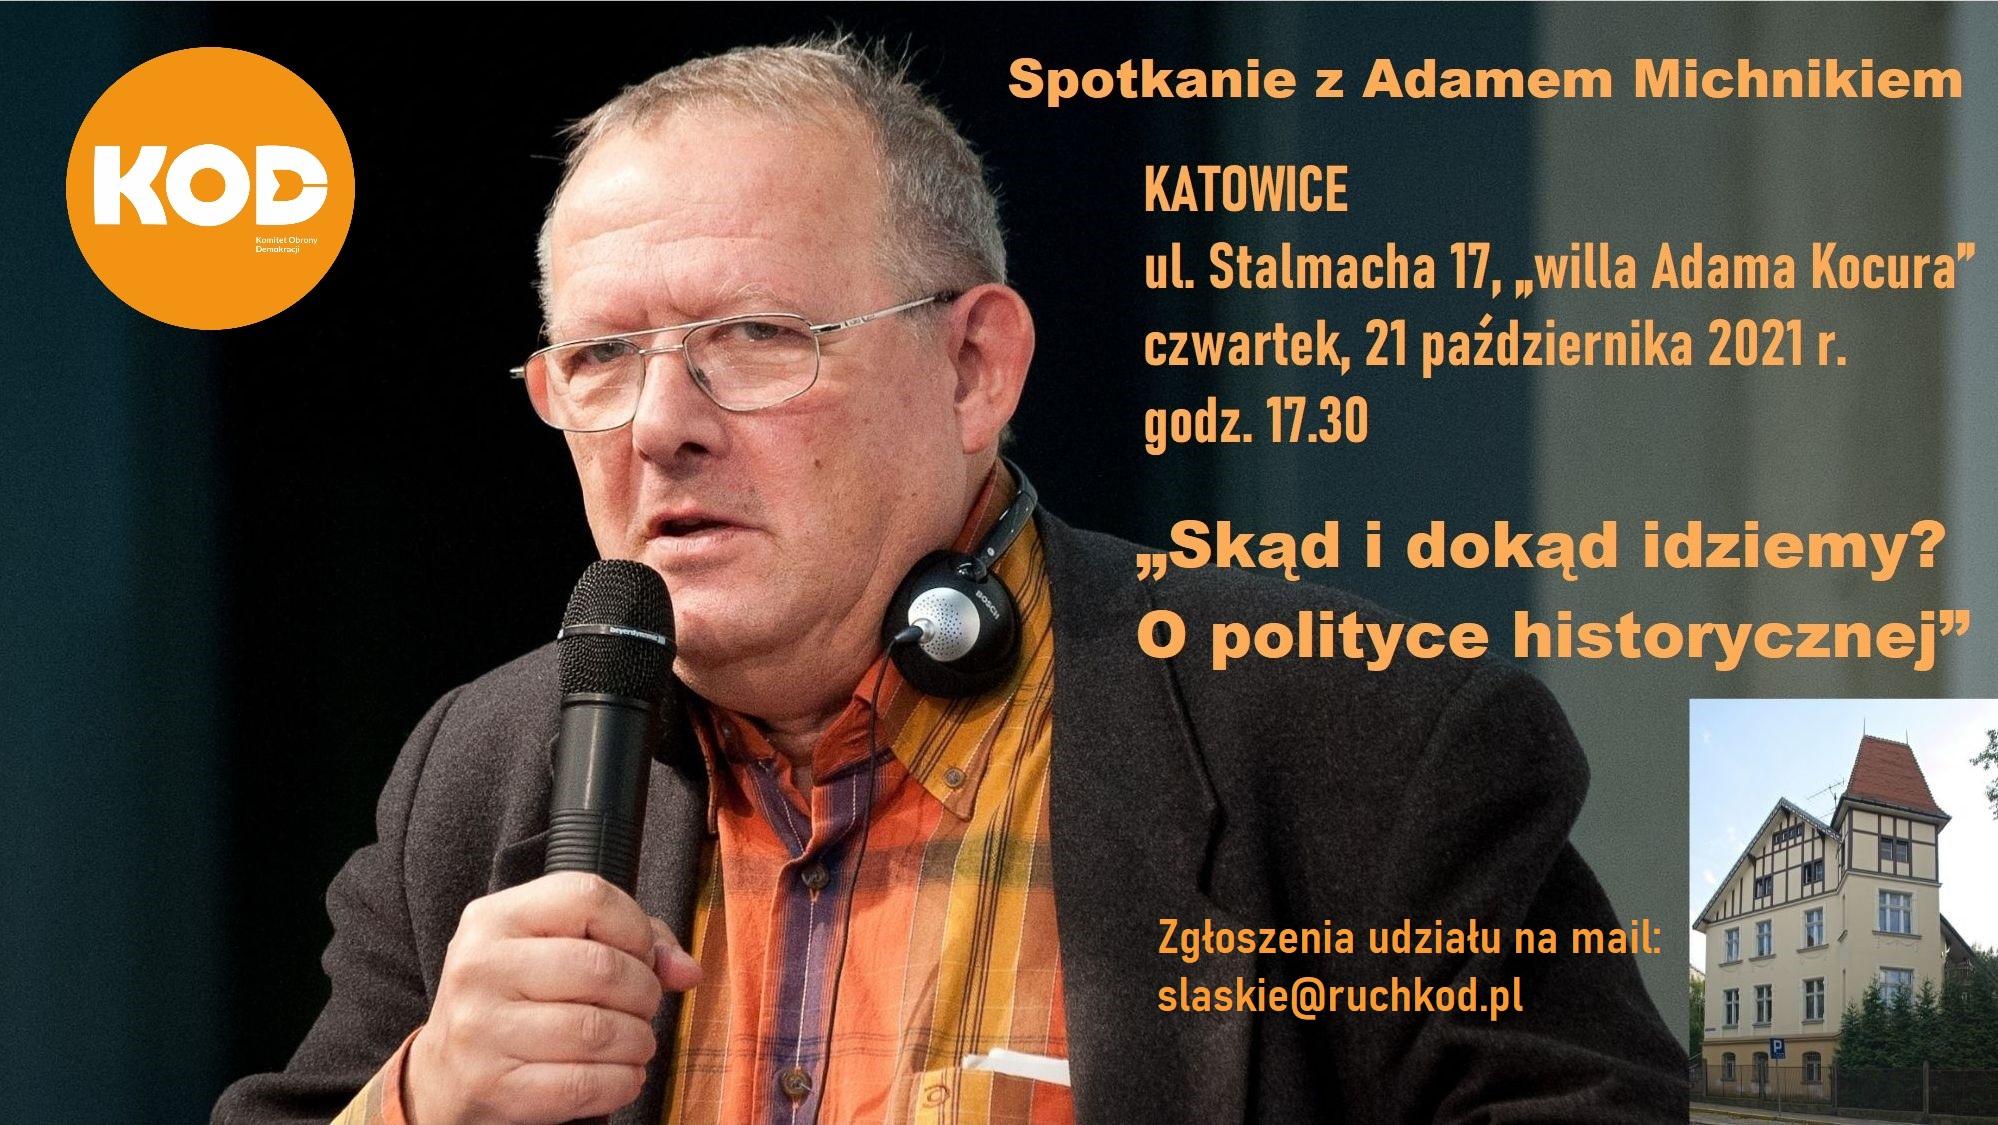 Spotkanie z Adamem Michnikiem @ Stalmacha 17